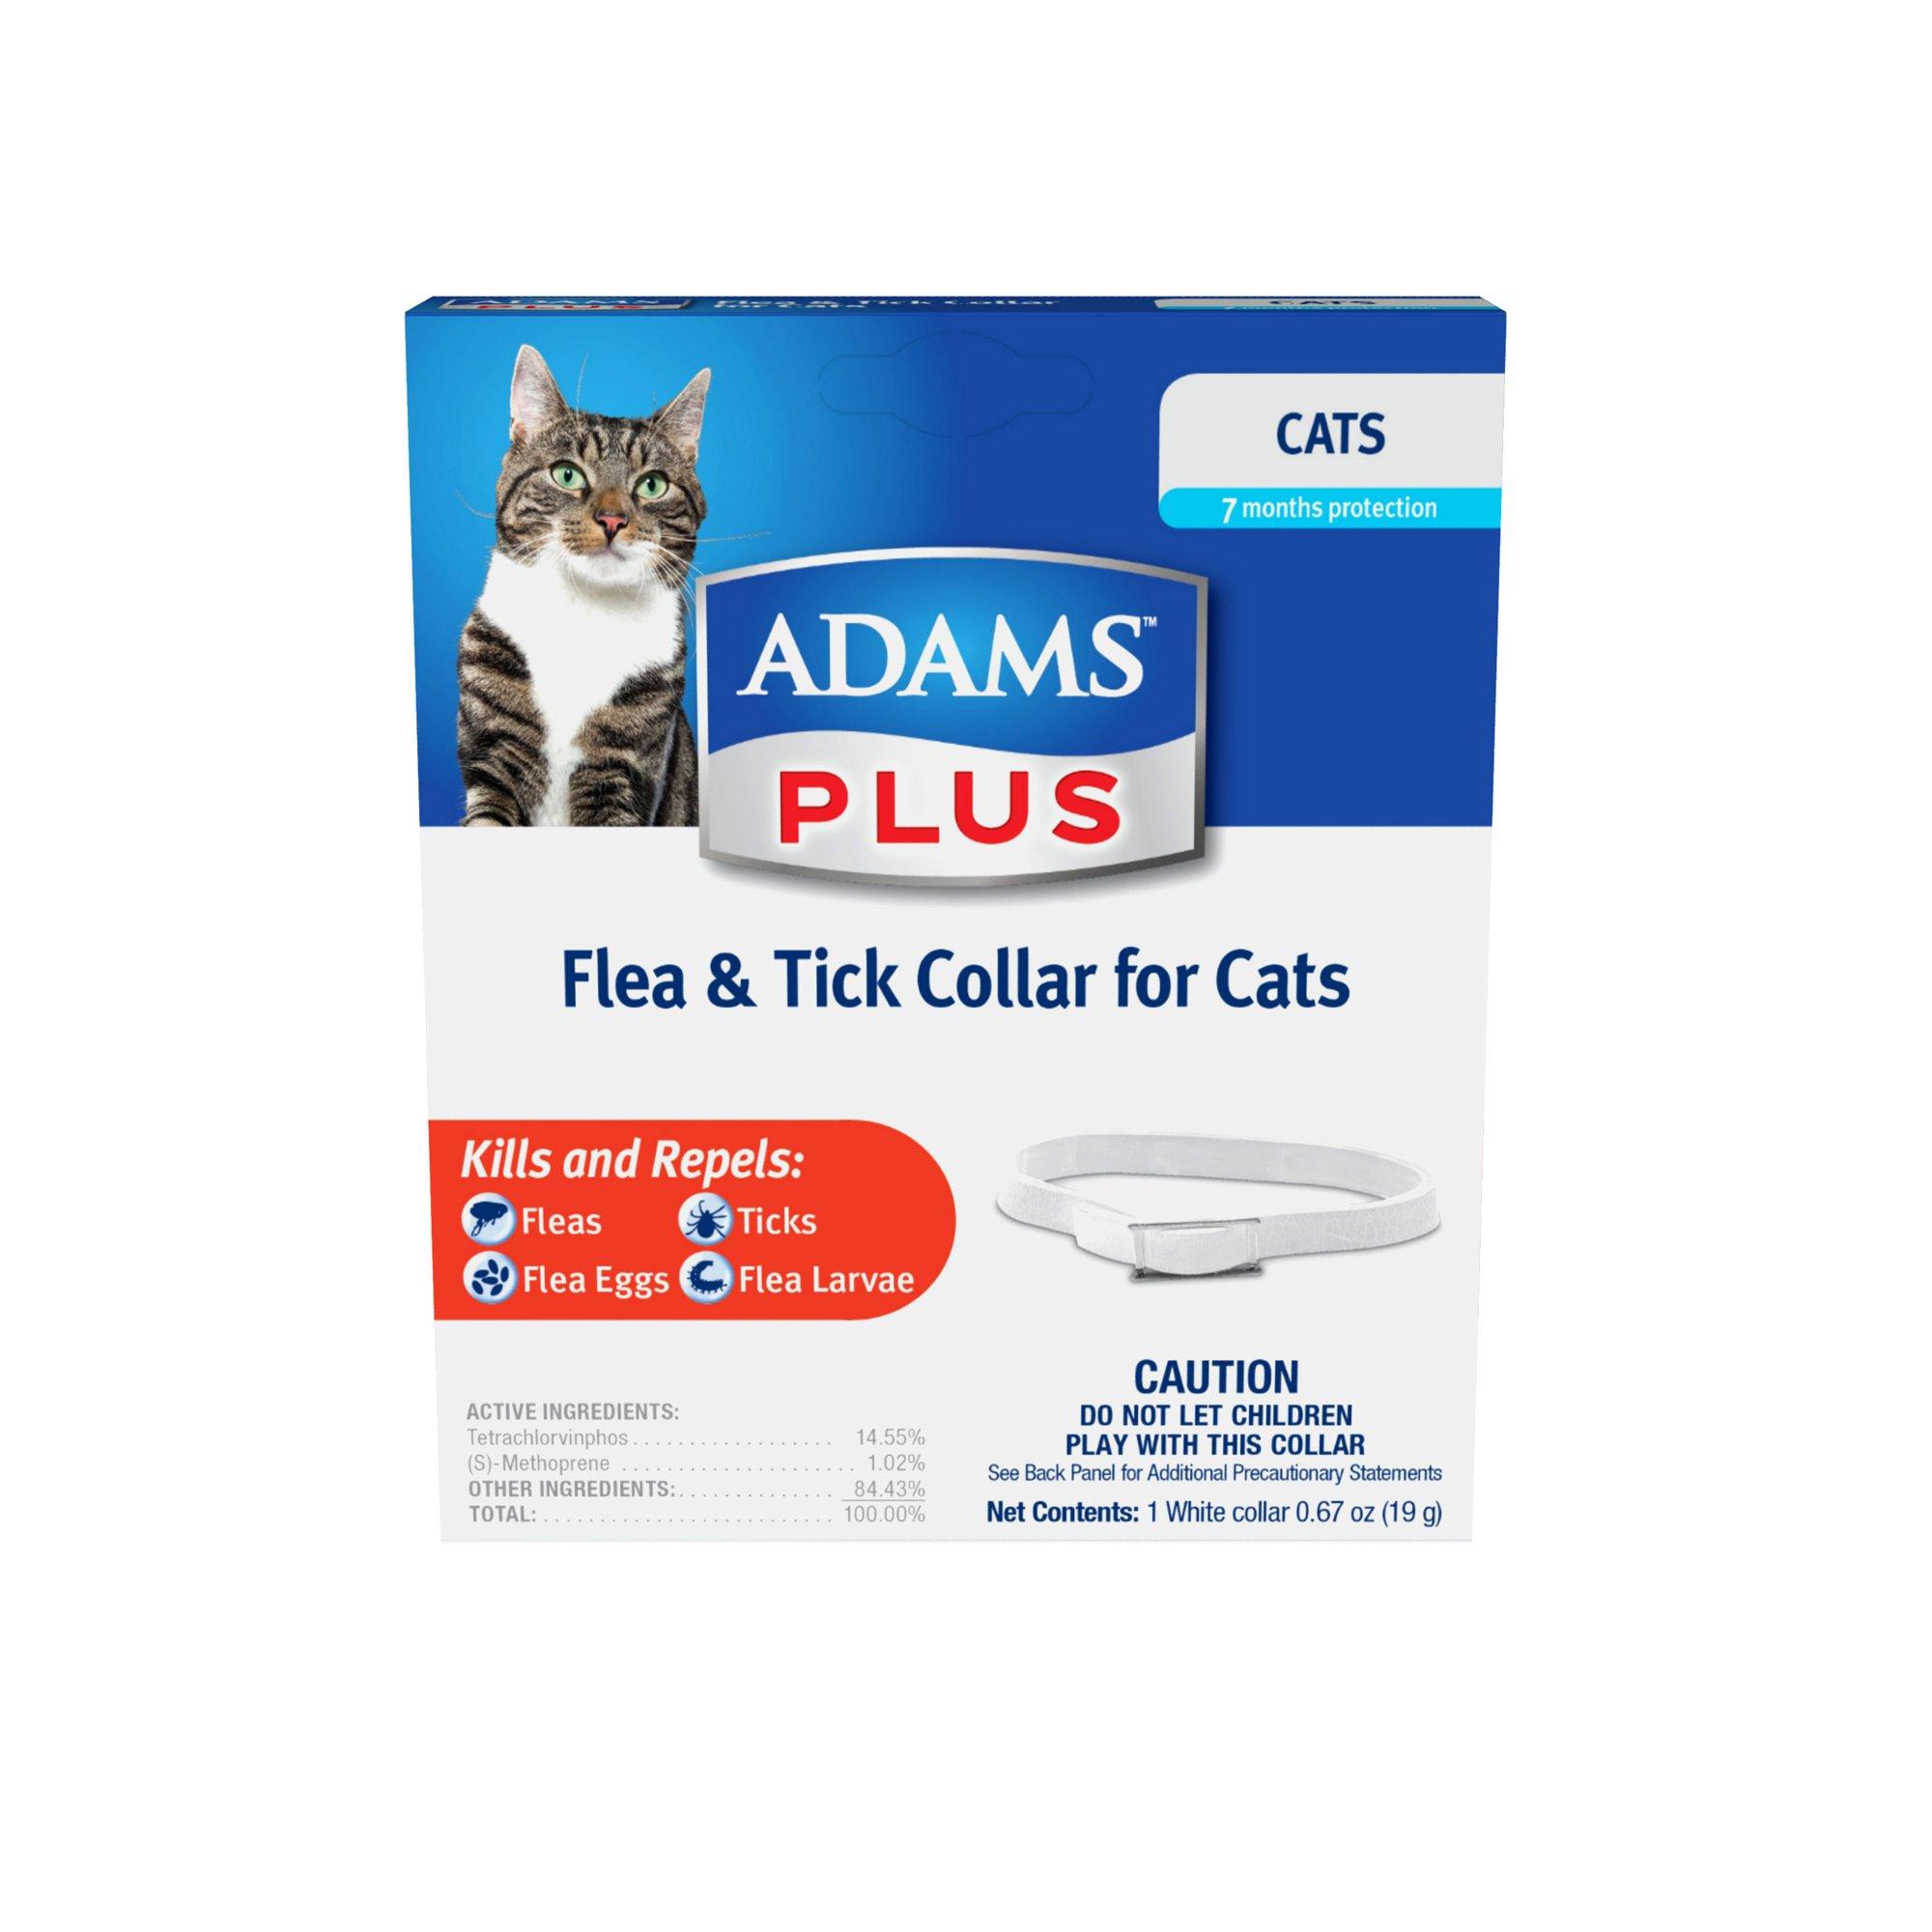 Adams Plus Flea & Tick Cat Collar